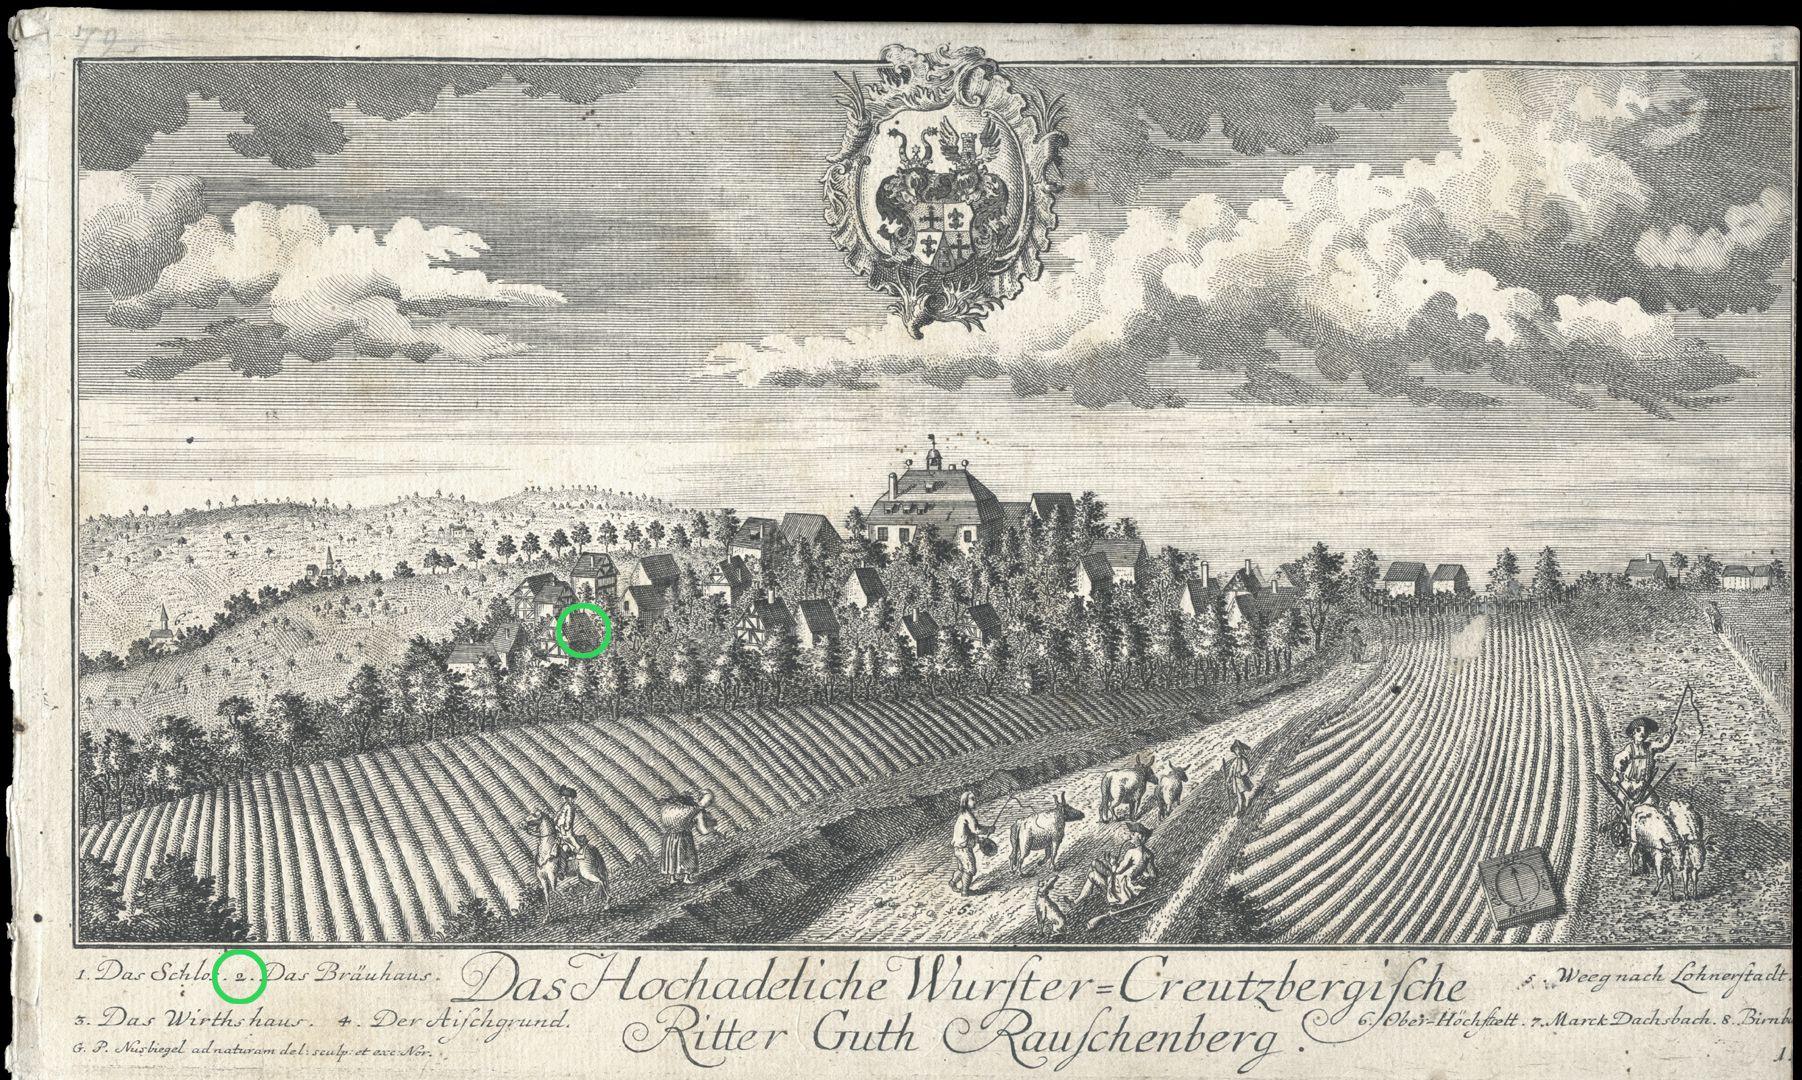 """Das Hochadeliche Wurster=Creutzbergische Ritter Guth Rauschenberg """"Das Bräuhaus"""""""